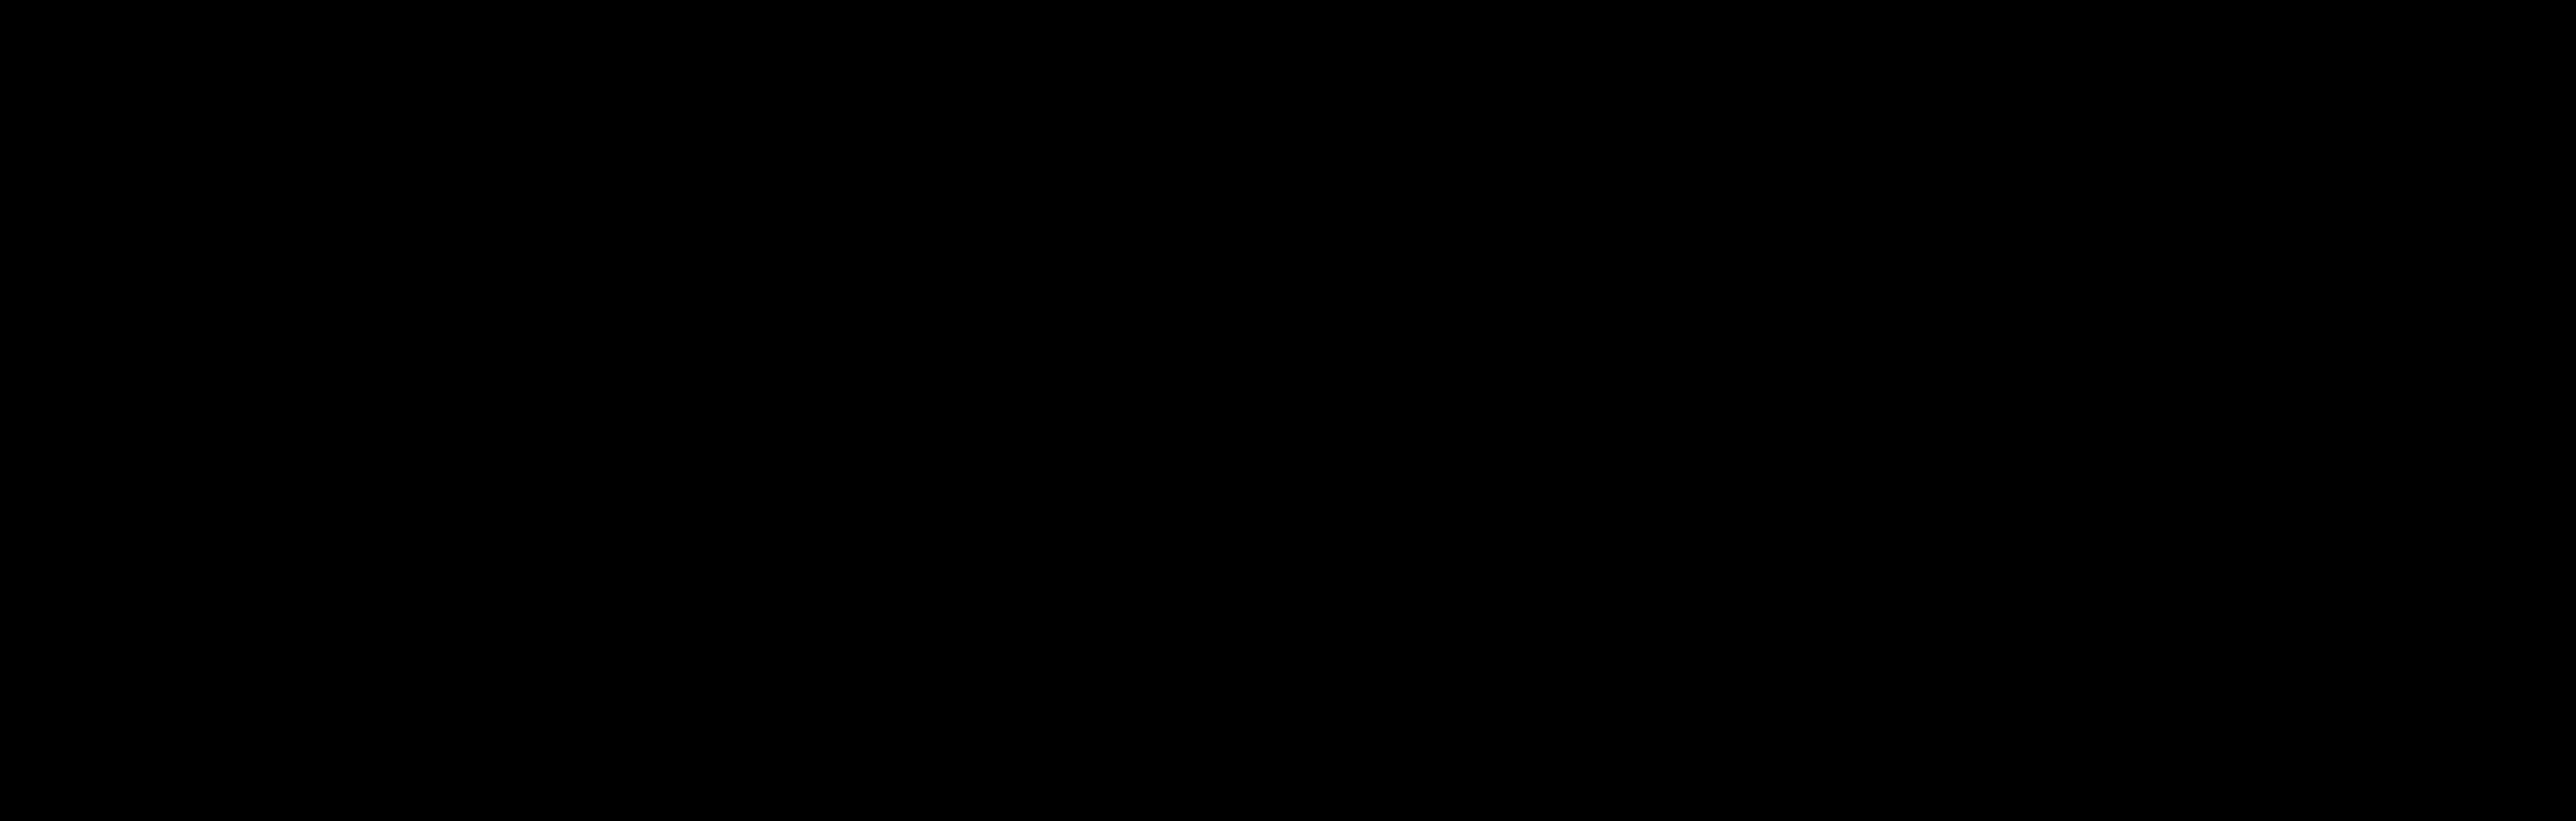 garden-nw-FT.jpeg